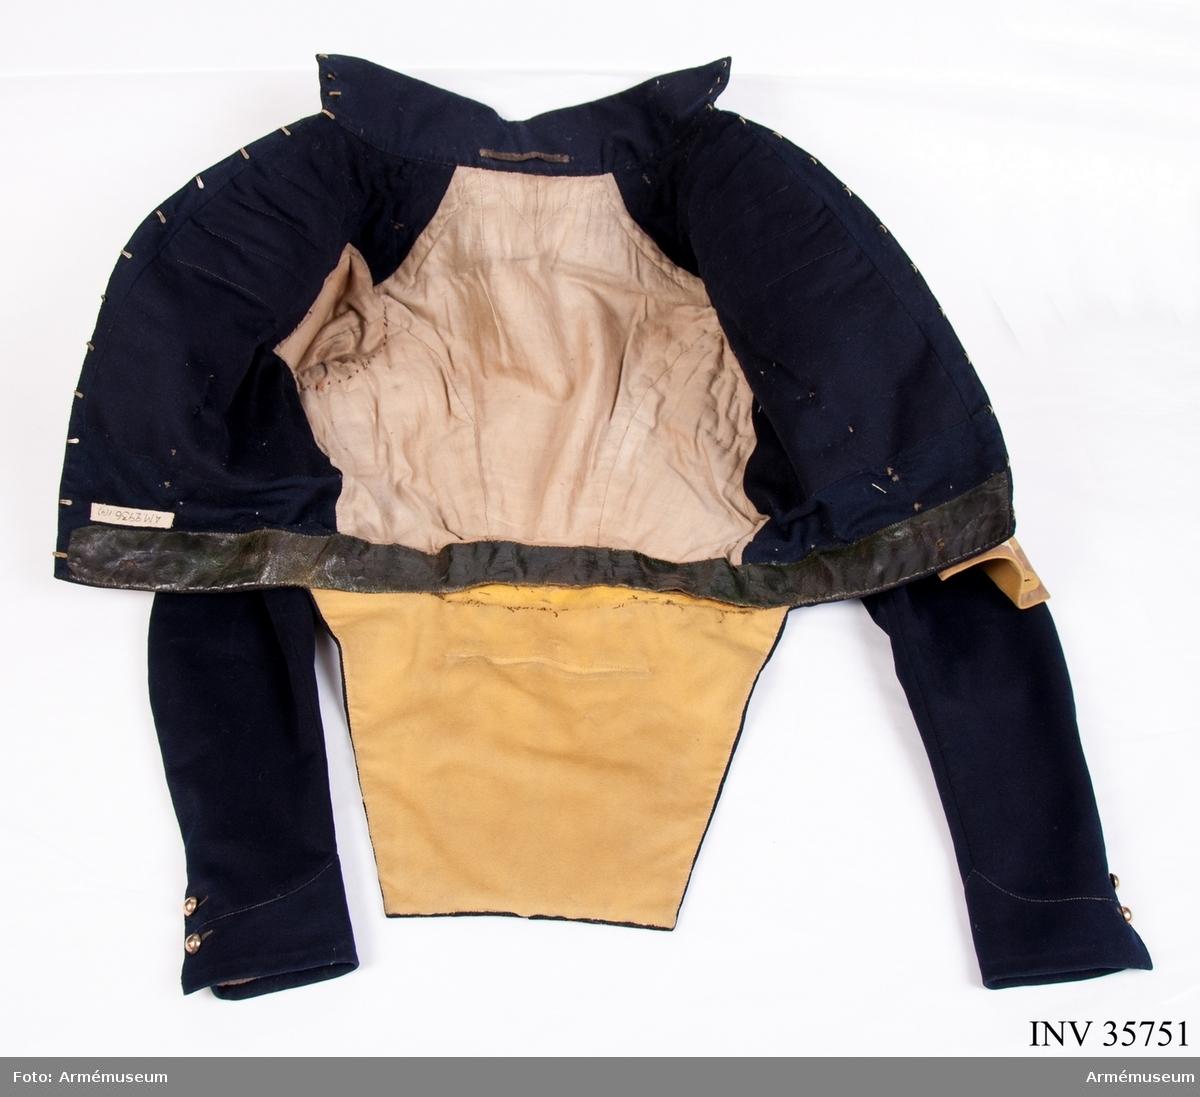 """Grupp C I. Frack mörkblå med gul revär och gult foder i skörtet. Enl. 1835 års rulla kallas den """"jacka"""". Se go 11/3 1824 (Skånska dragonregementet) faställd modell å jacka utan närmare beskrivning."""